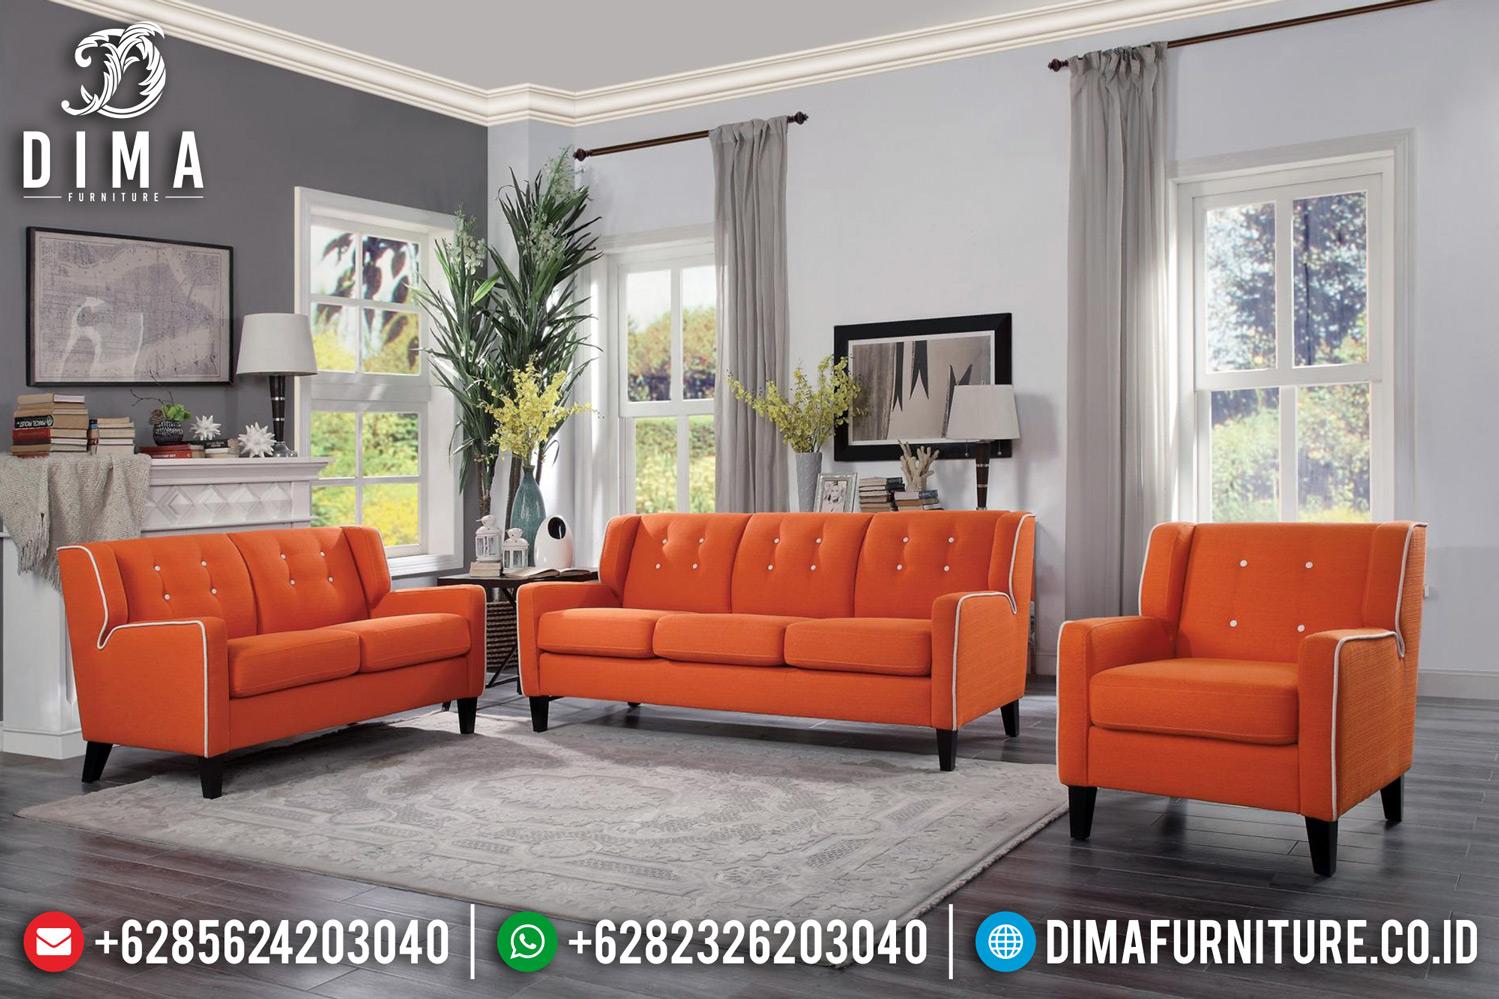 Harga Sofa Tamu Minimalis Skandinavian Furniture Jepara Murah BT-0429